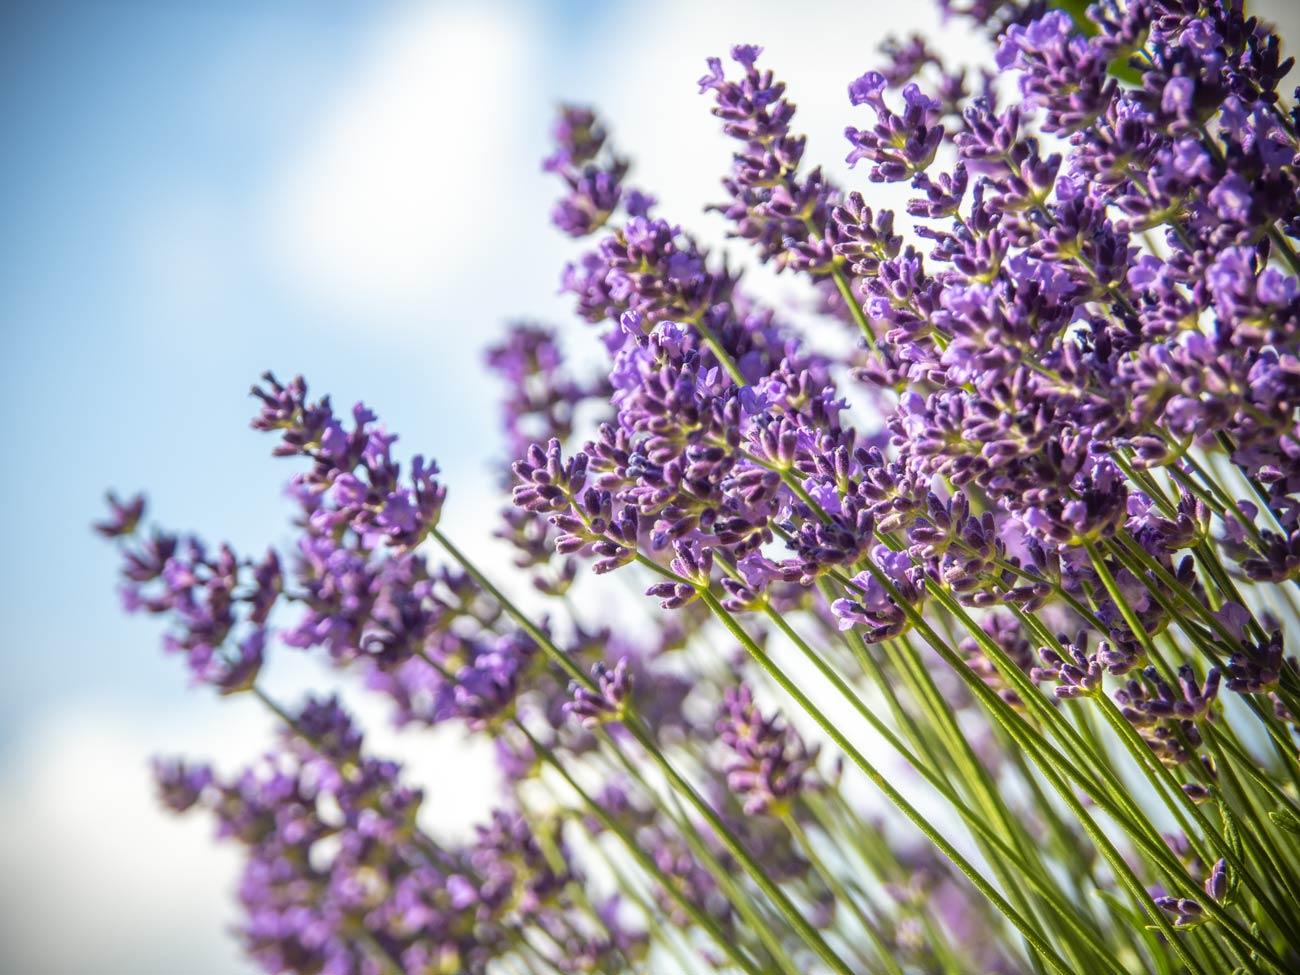 Lavendel blüht